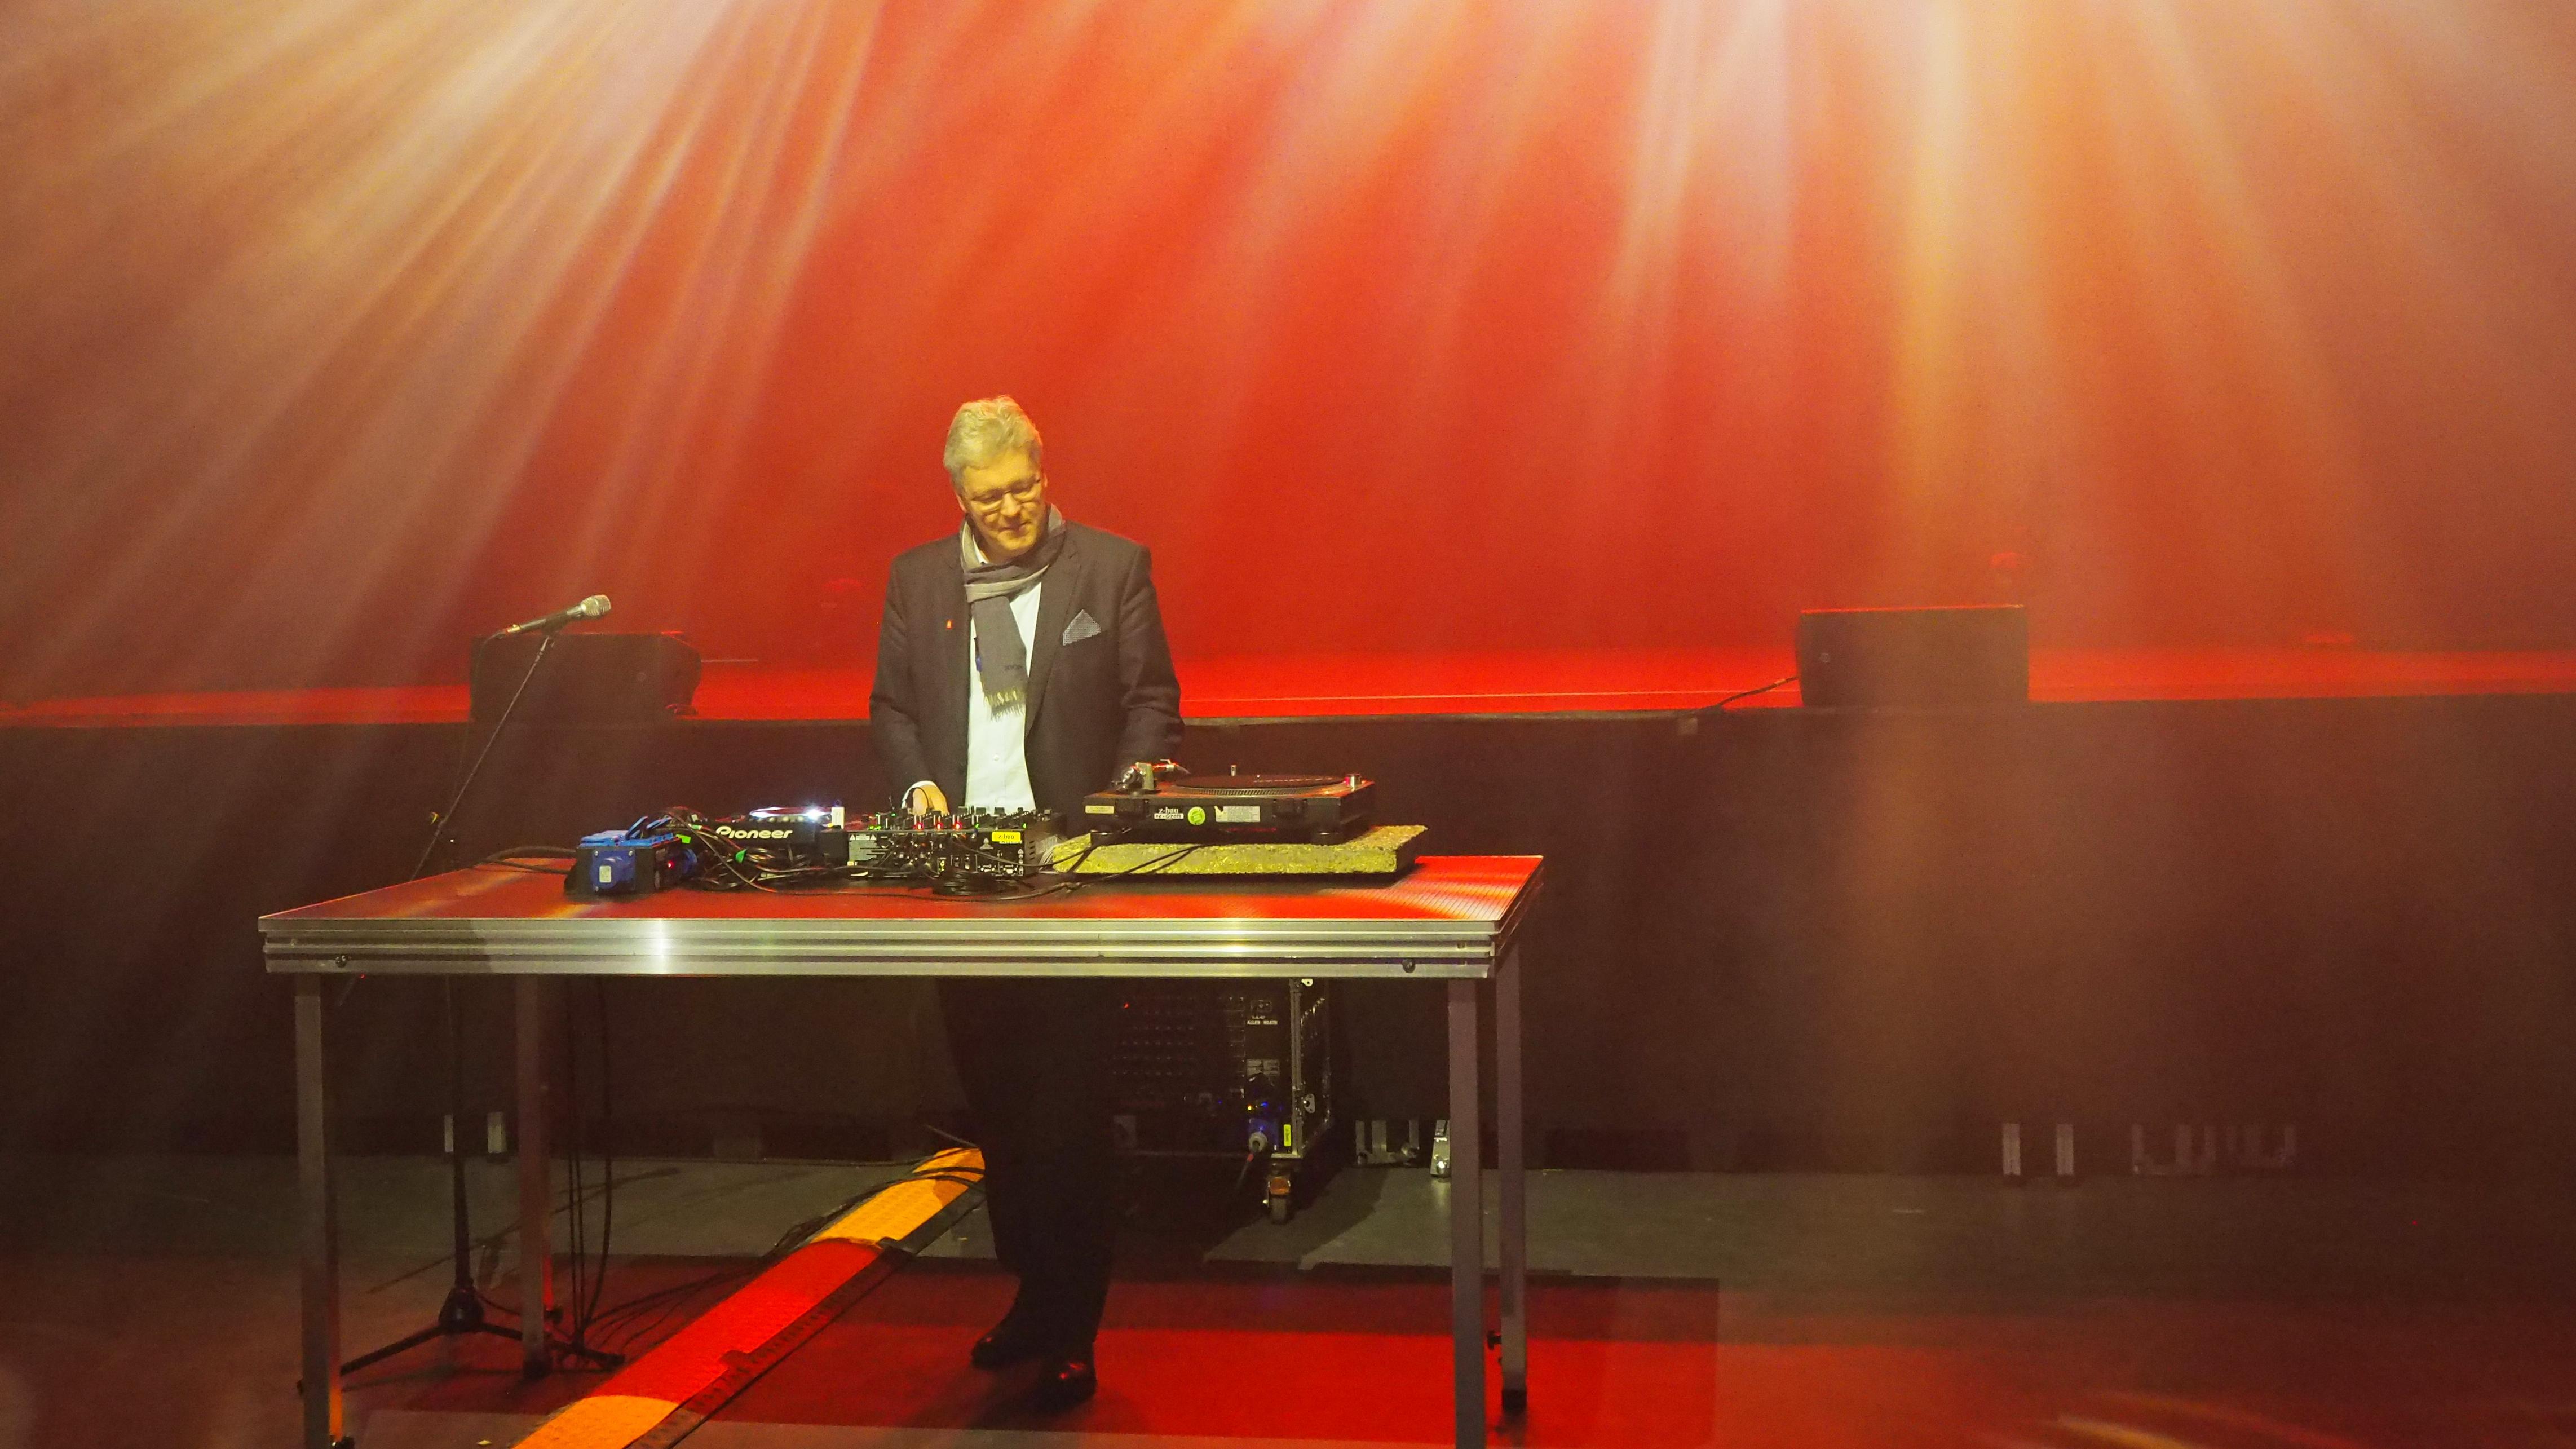 Eröffnung des Großen Saals im Nürnberger Z-Bau - der Vorsitzende der Sparkasse Nürnberg, Matthias Everding, überzeugt sich von der neuen Ton- und Lichtanlage